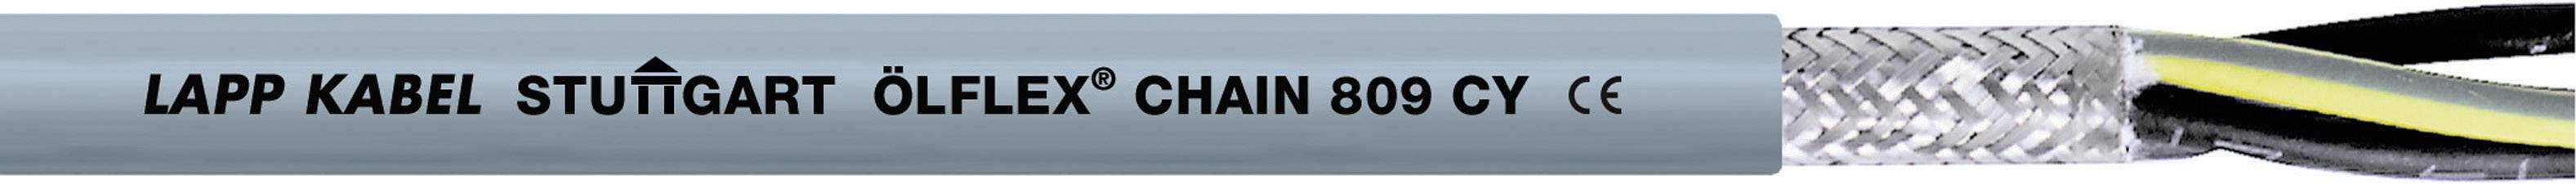 Žíla kabelu LappKabel ÖLFLEX CHAIN 809 CY 12G1,0 (1026772), 12x 1 mm², PVC, Ø 11,7 mm, stíněný, 50 m, šedá